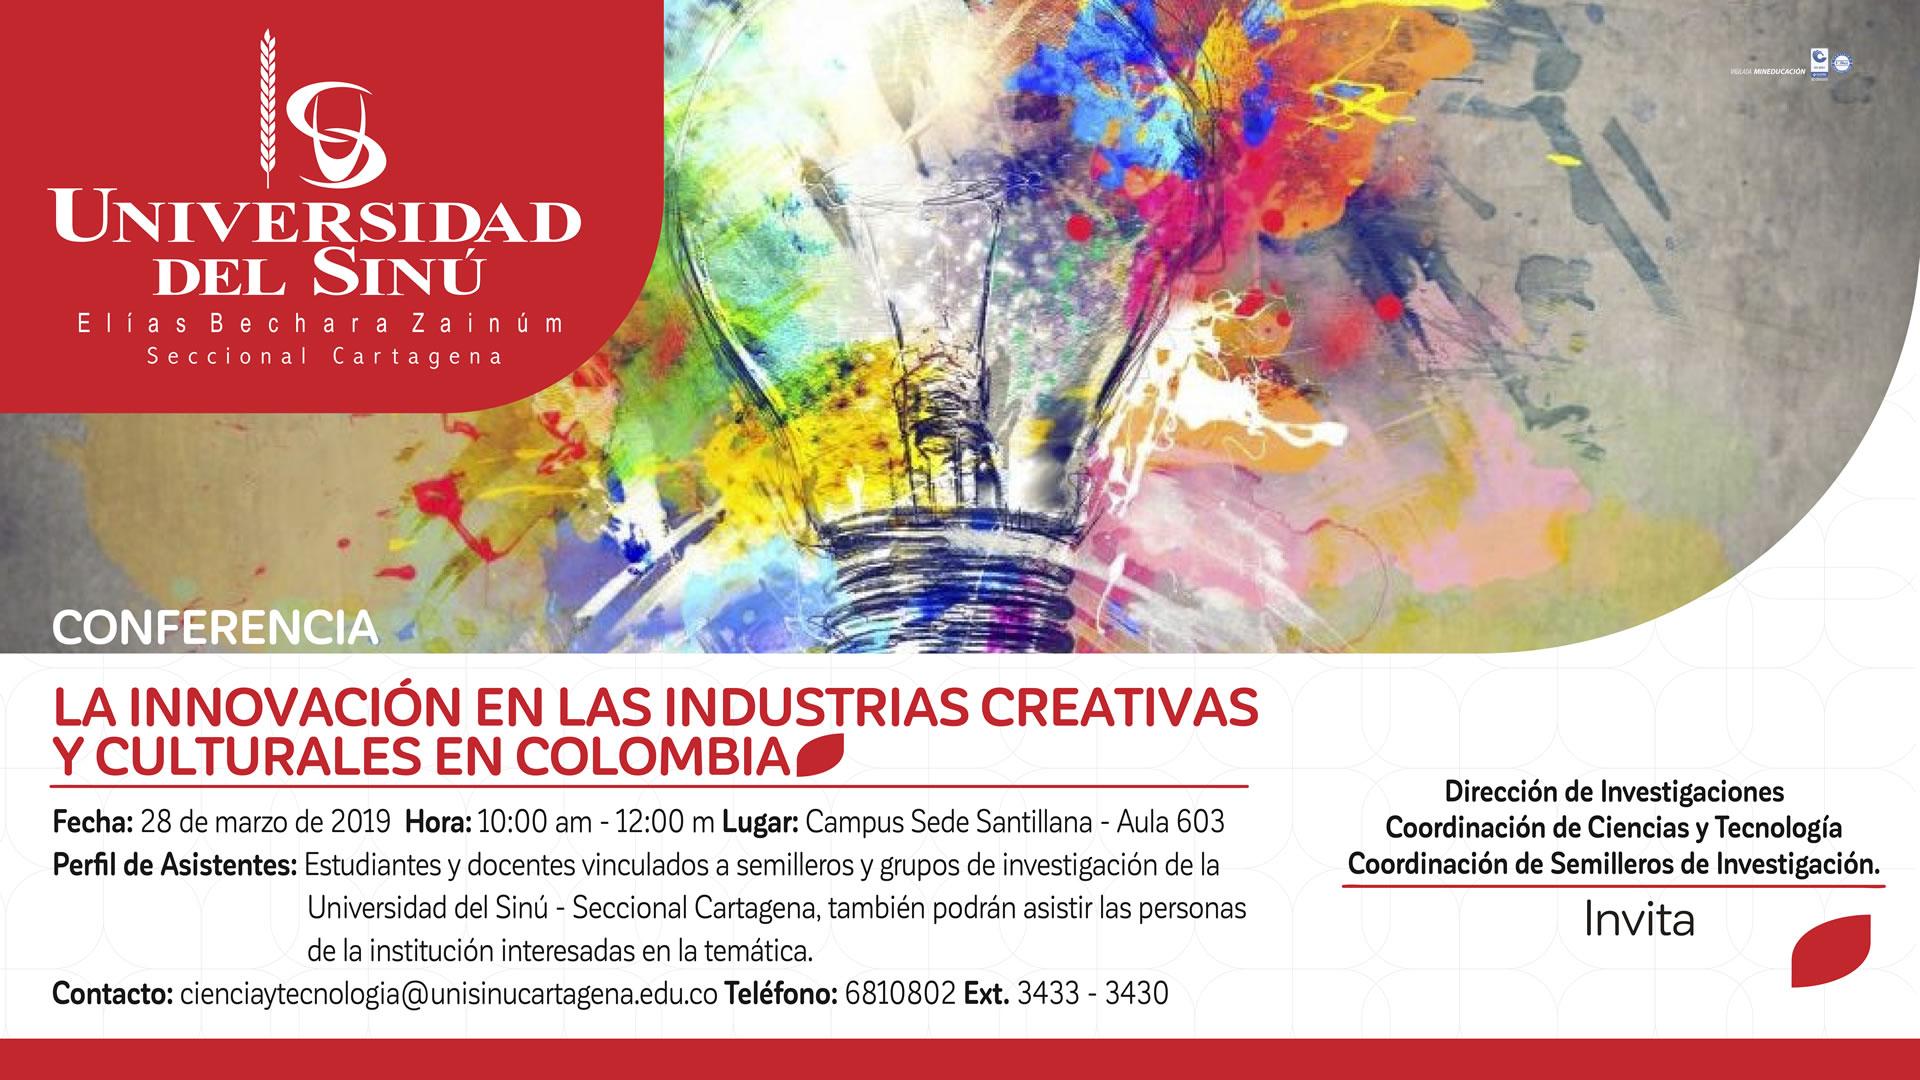 conferencia sobre la innovación en las industrias creativas y culturales en colombia